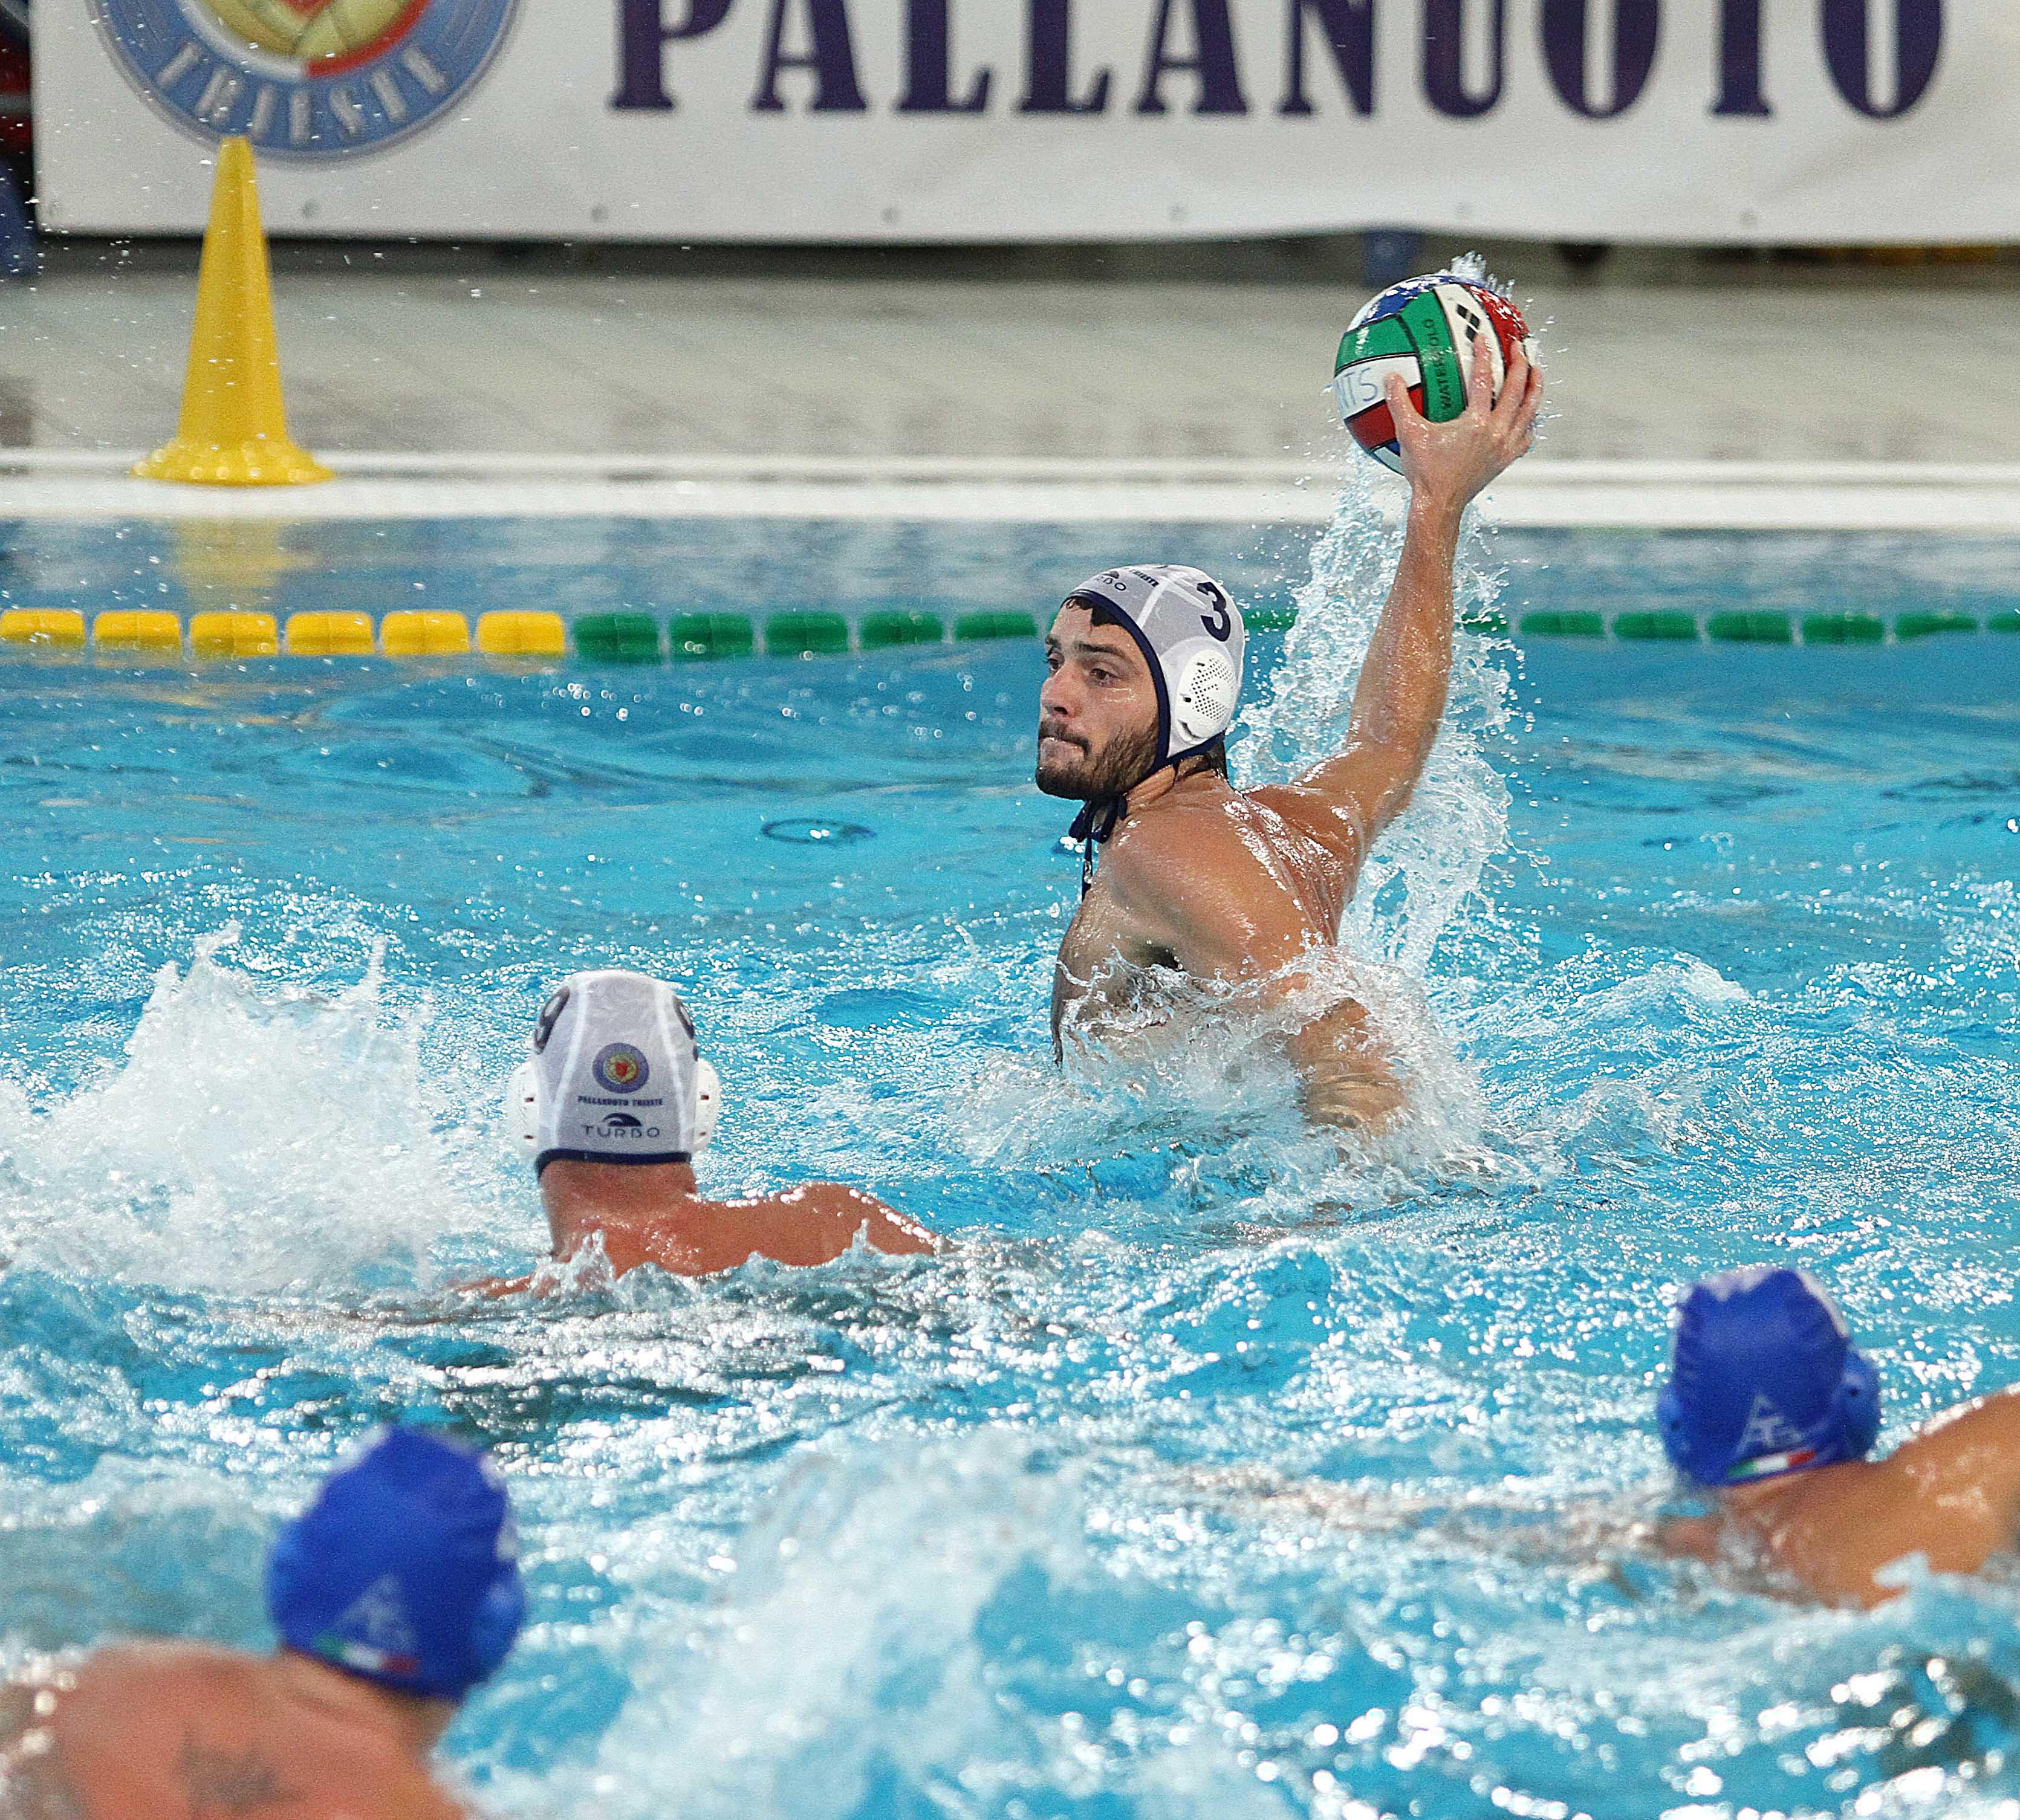 Sabato 31 ottobre (alle 15.00) la Pallanuoto Trieste sarà di scena nella piscina dell'Ortigia Siracusa. E' il primo vero scontro salvezza